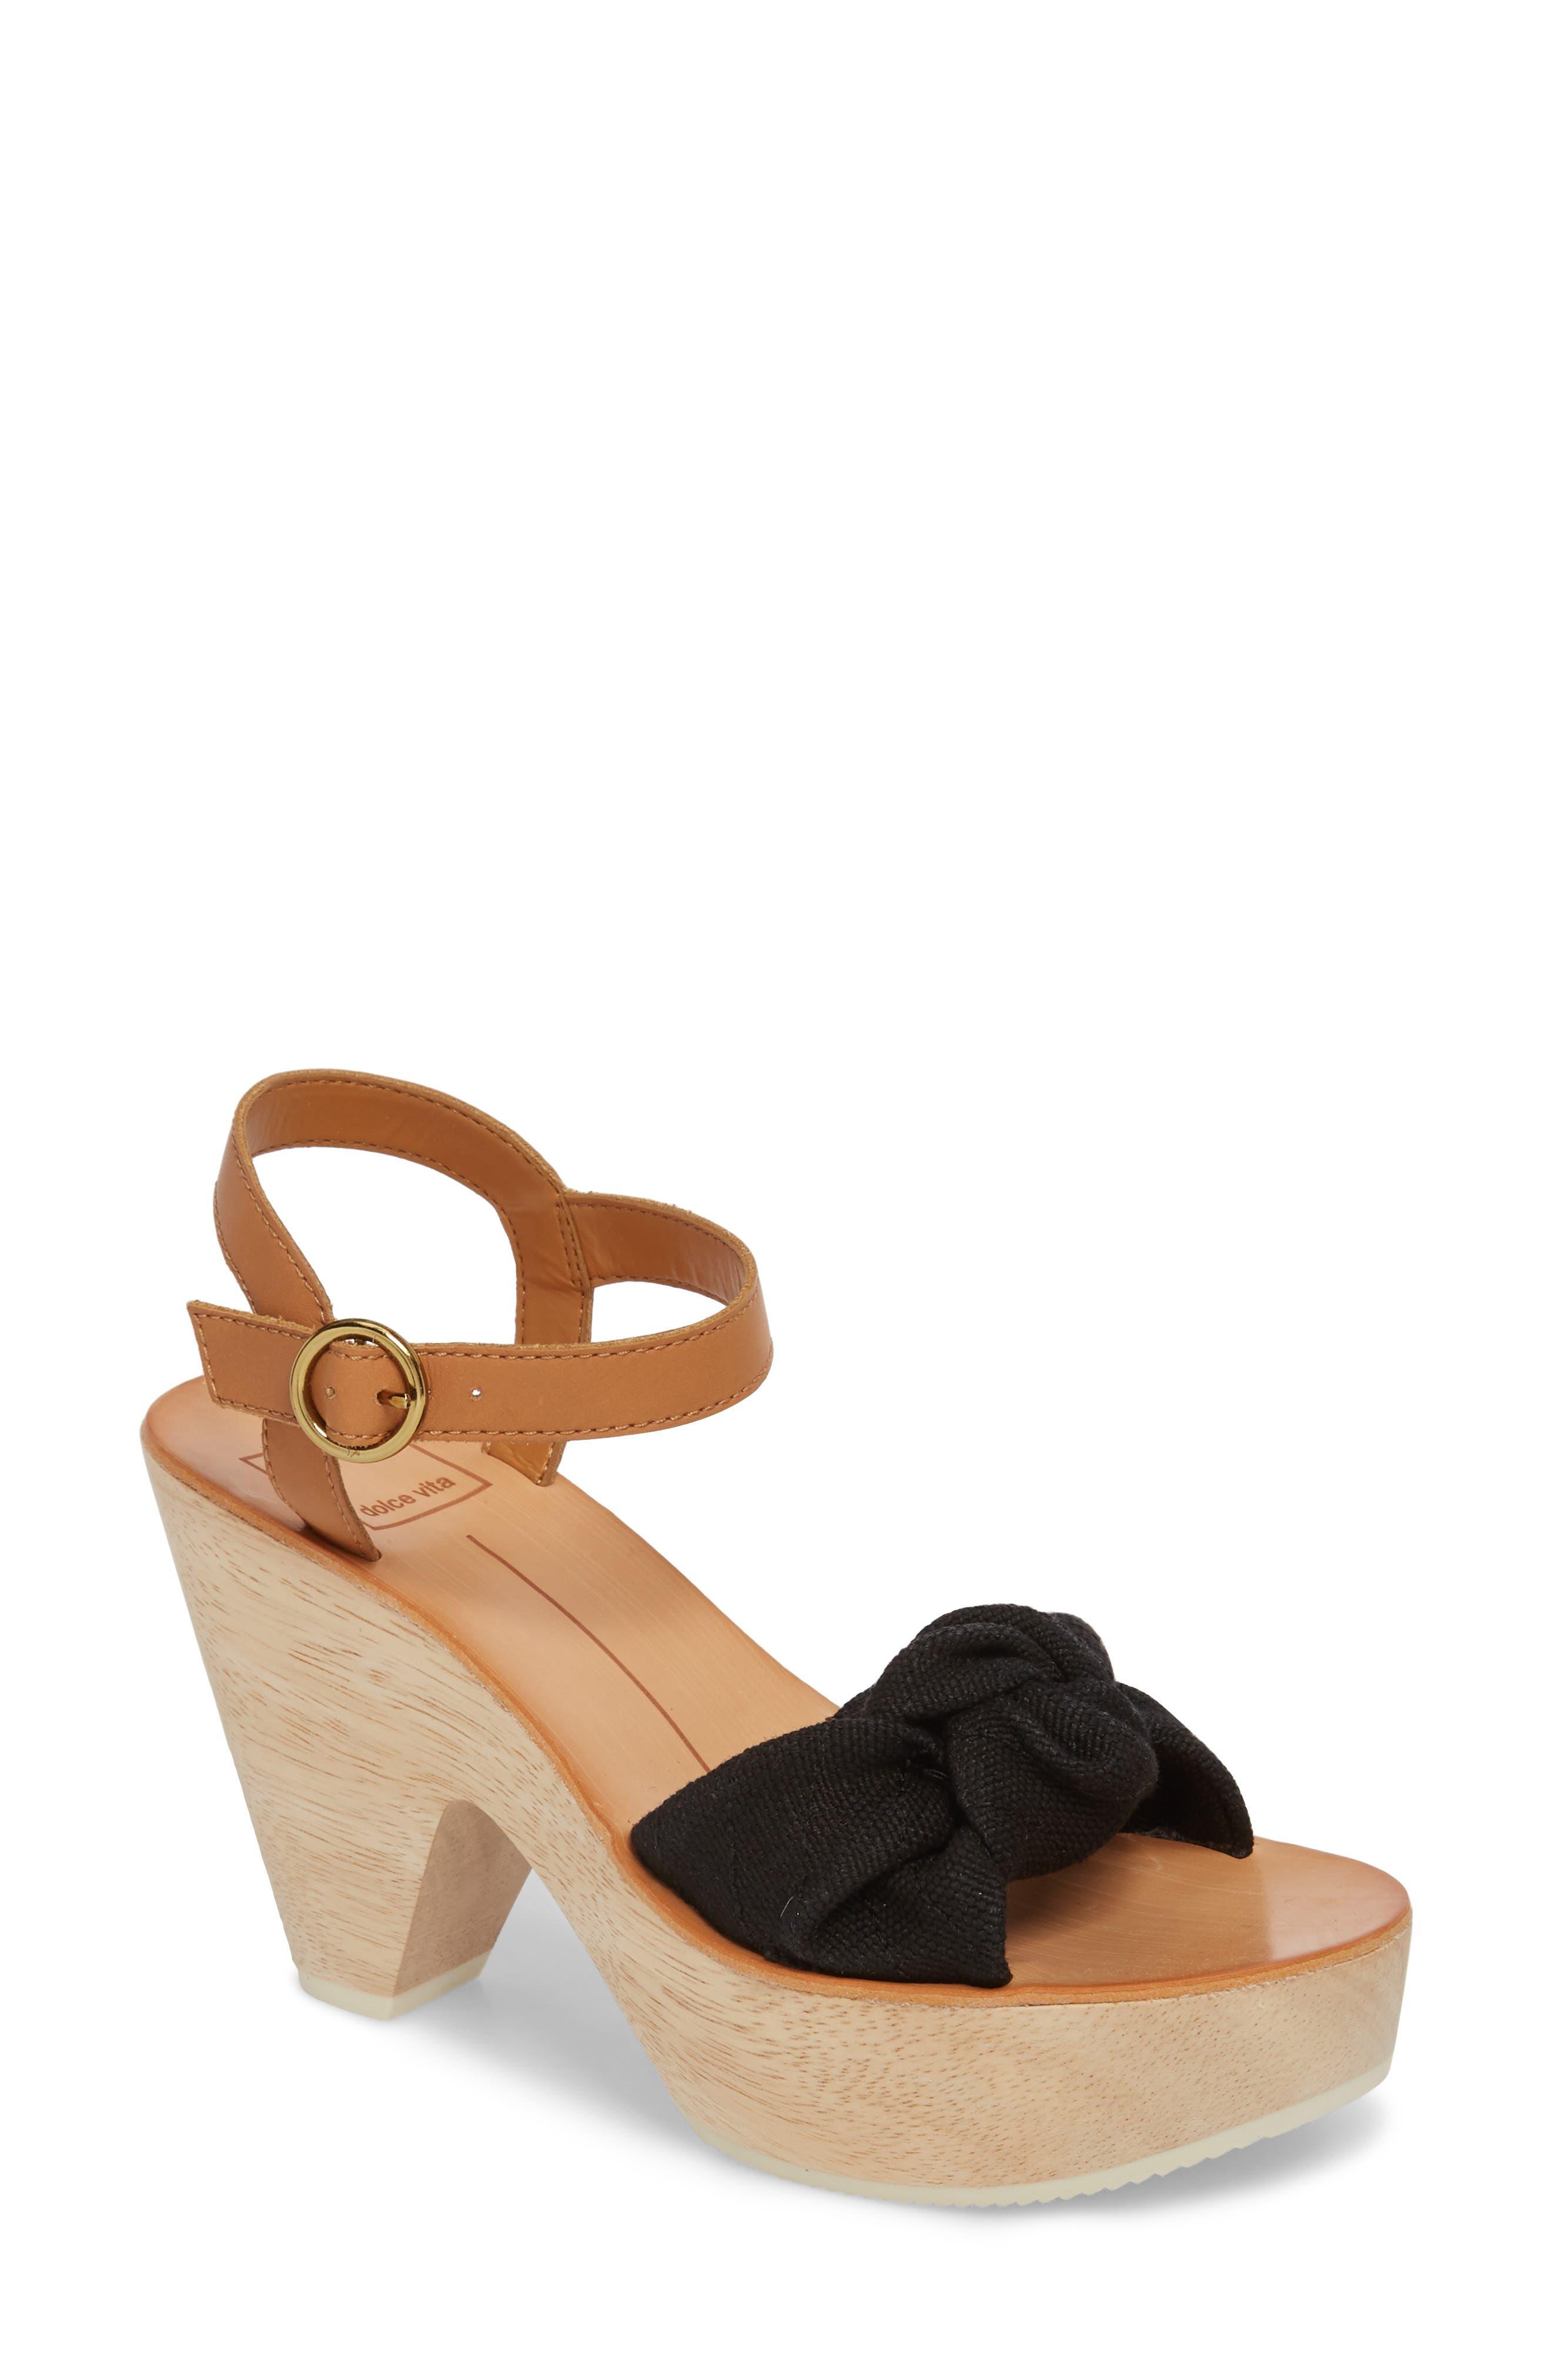 Shia Knotted Platform Sandal,                             Main thumbnail 1, color,                             001